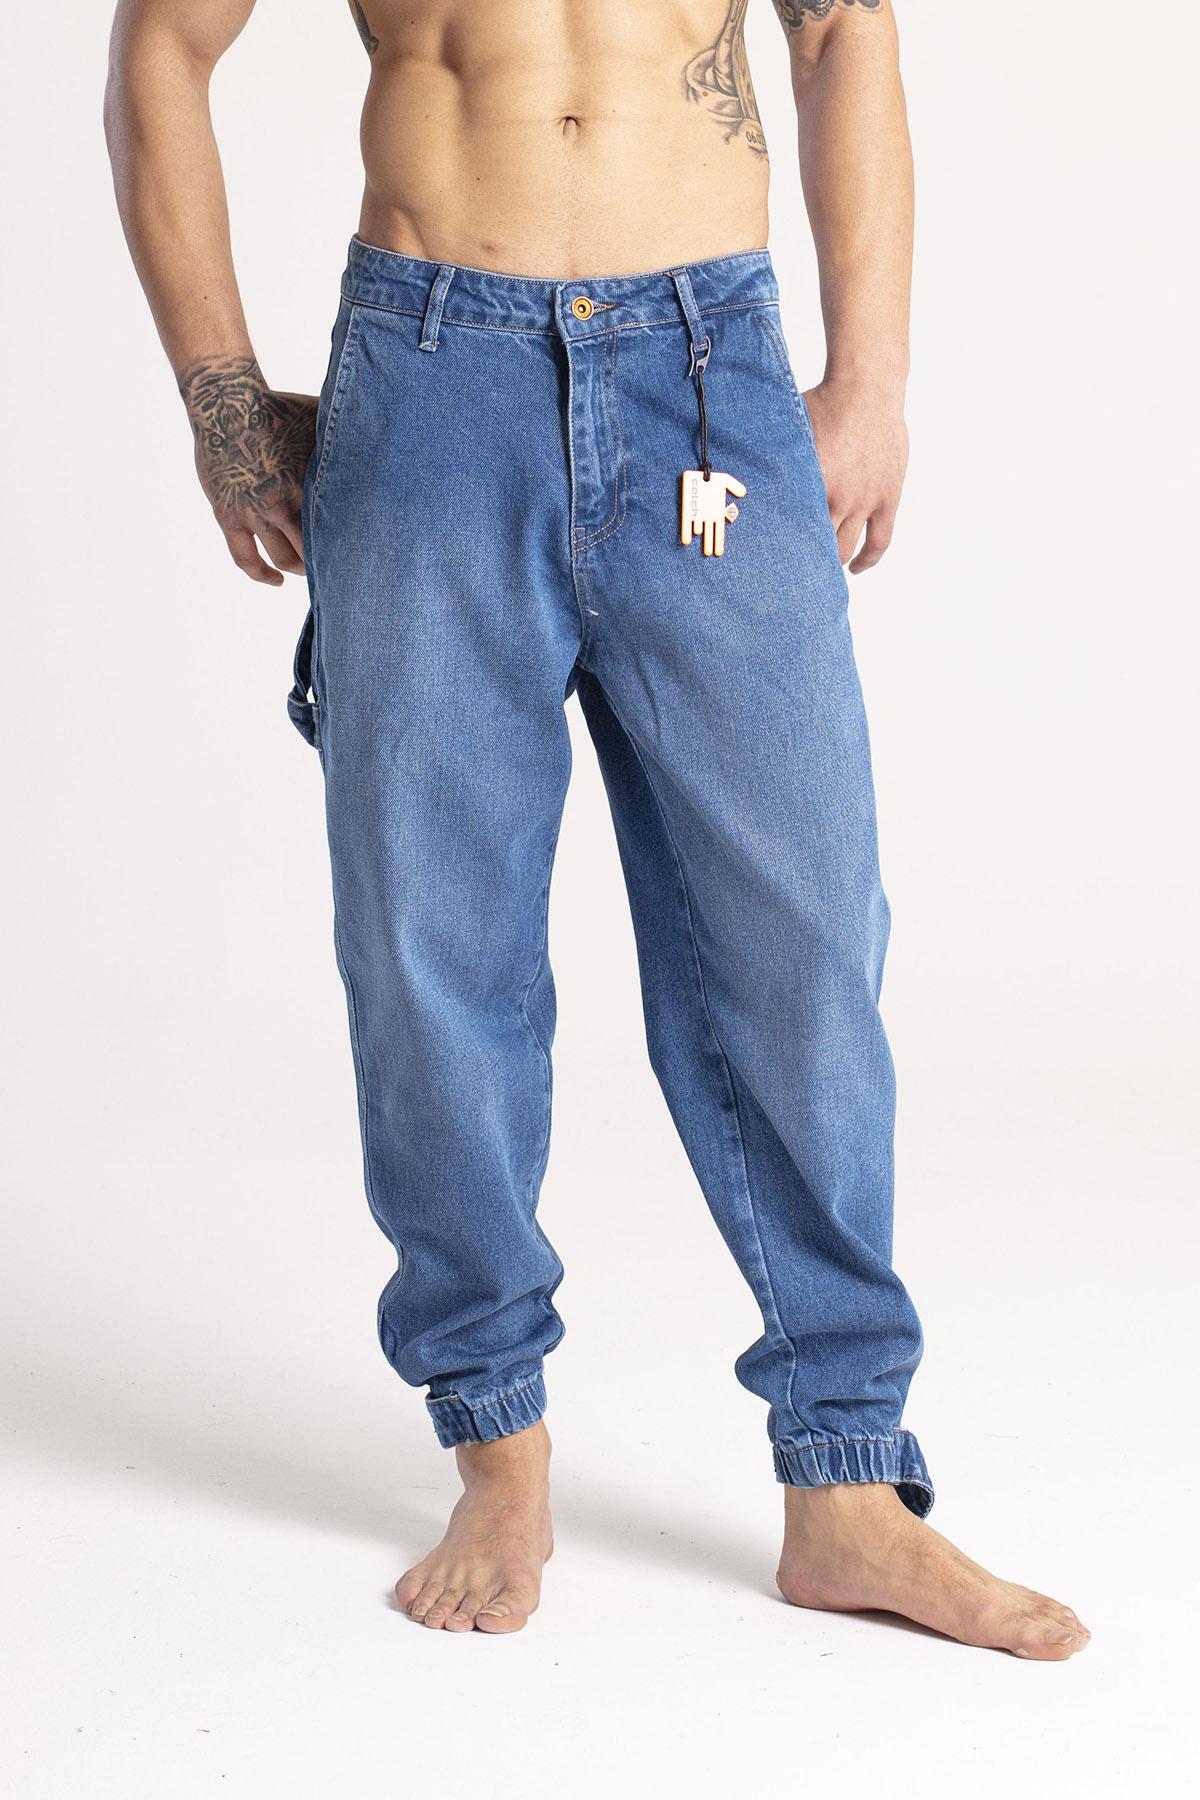 XHAN - Mavi Paçası Bantlı Jogger Kot Pantolon 1KXE5-44668-12